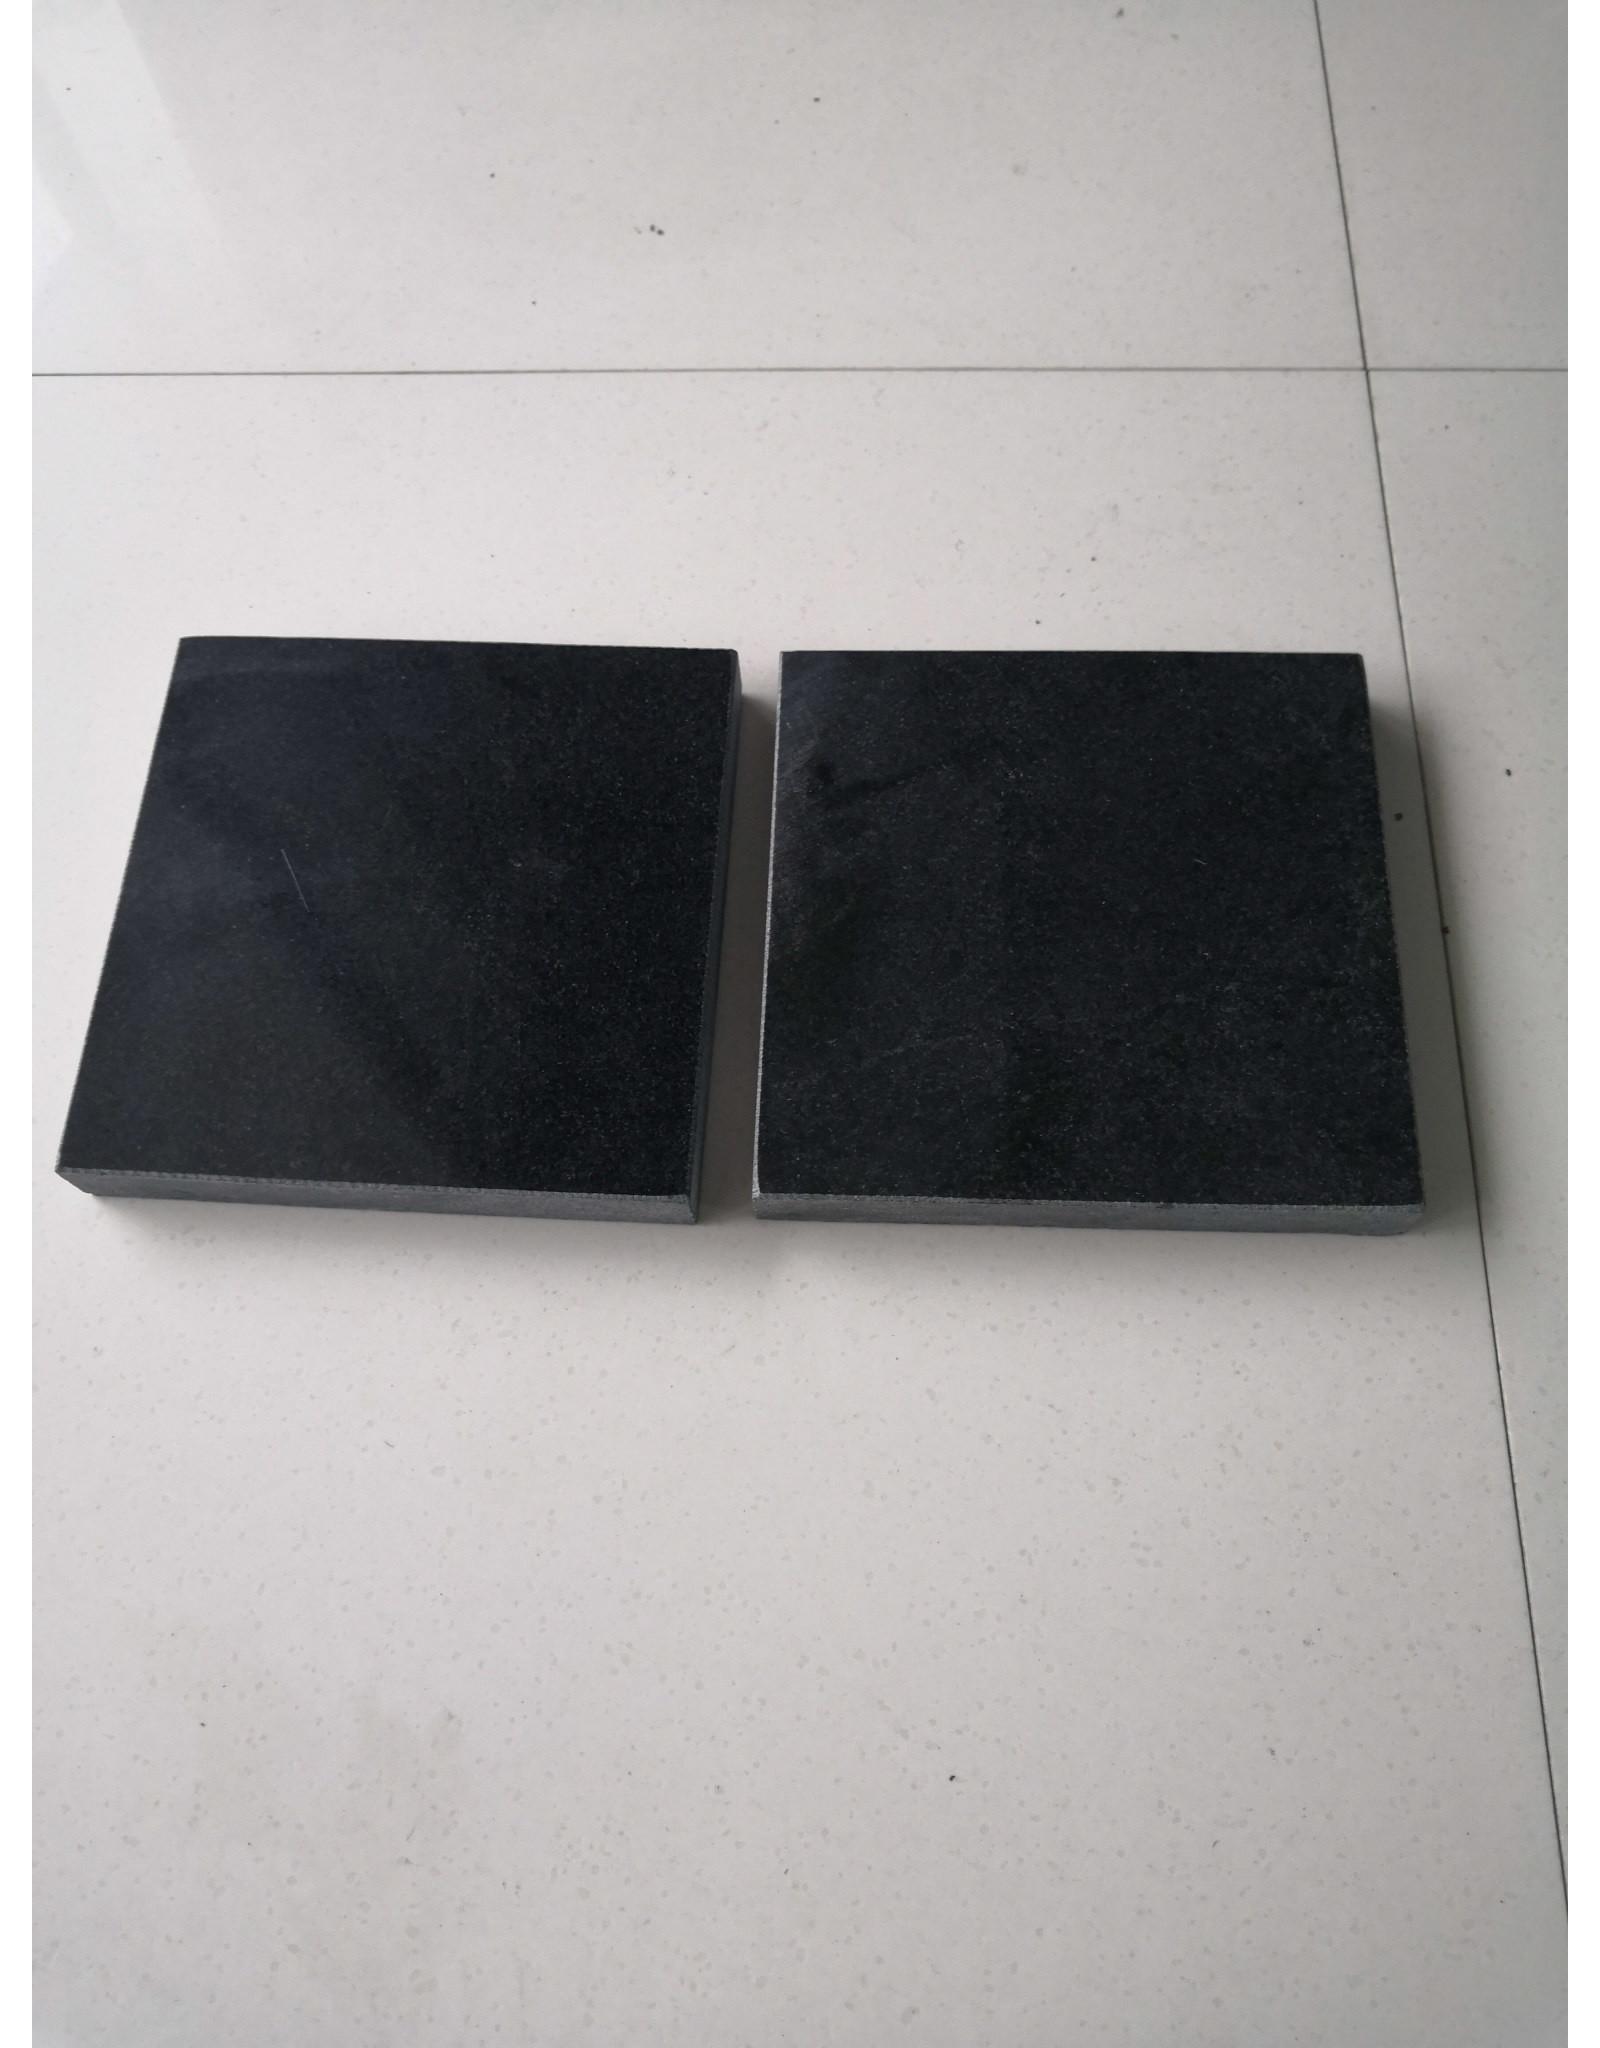 SODAHL SODAHL 727549 GASTENDOEKJE 30X30CM COMFORT BLACK